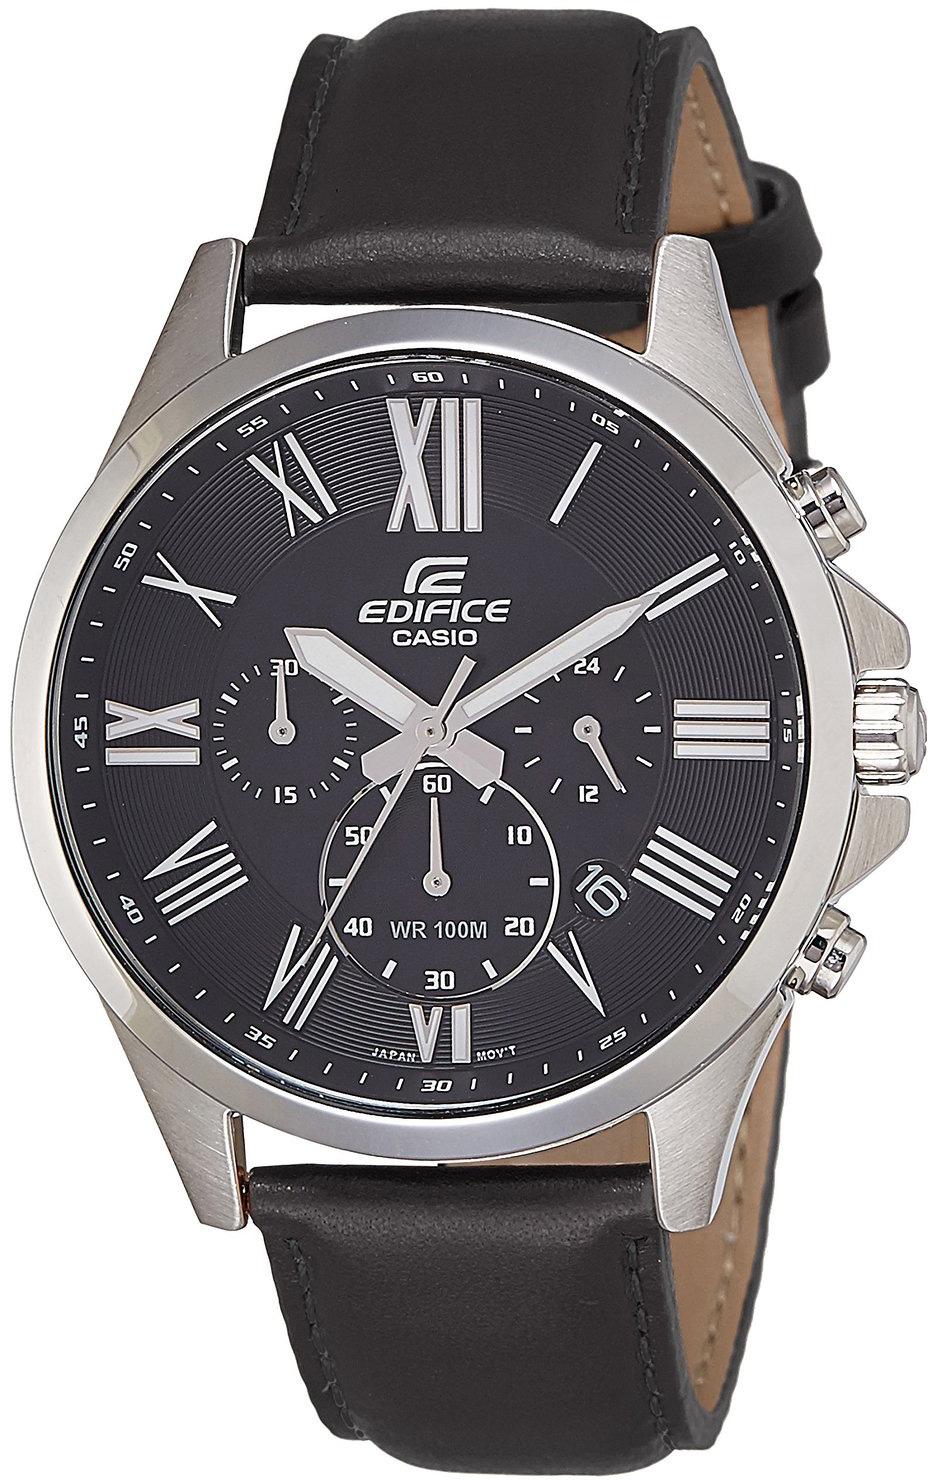 Купить Японские часы Casio Edifice EFV-500L-1A